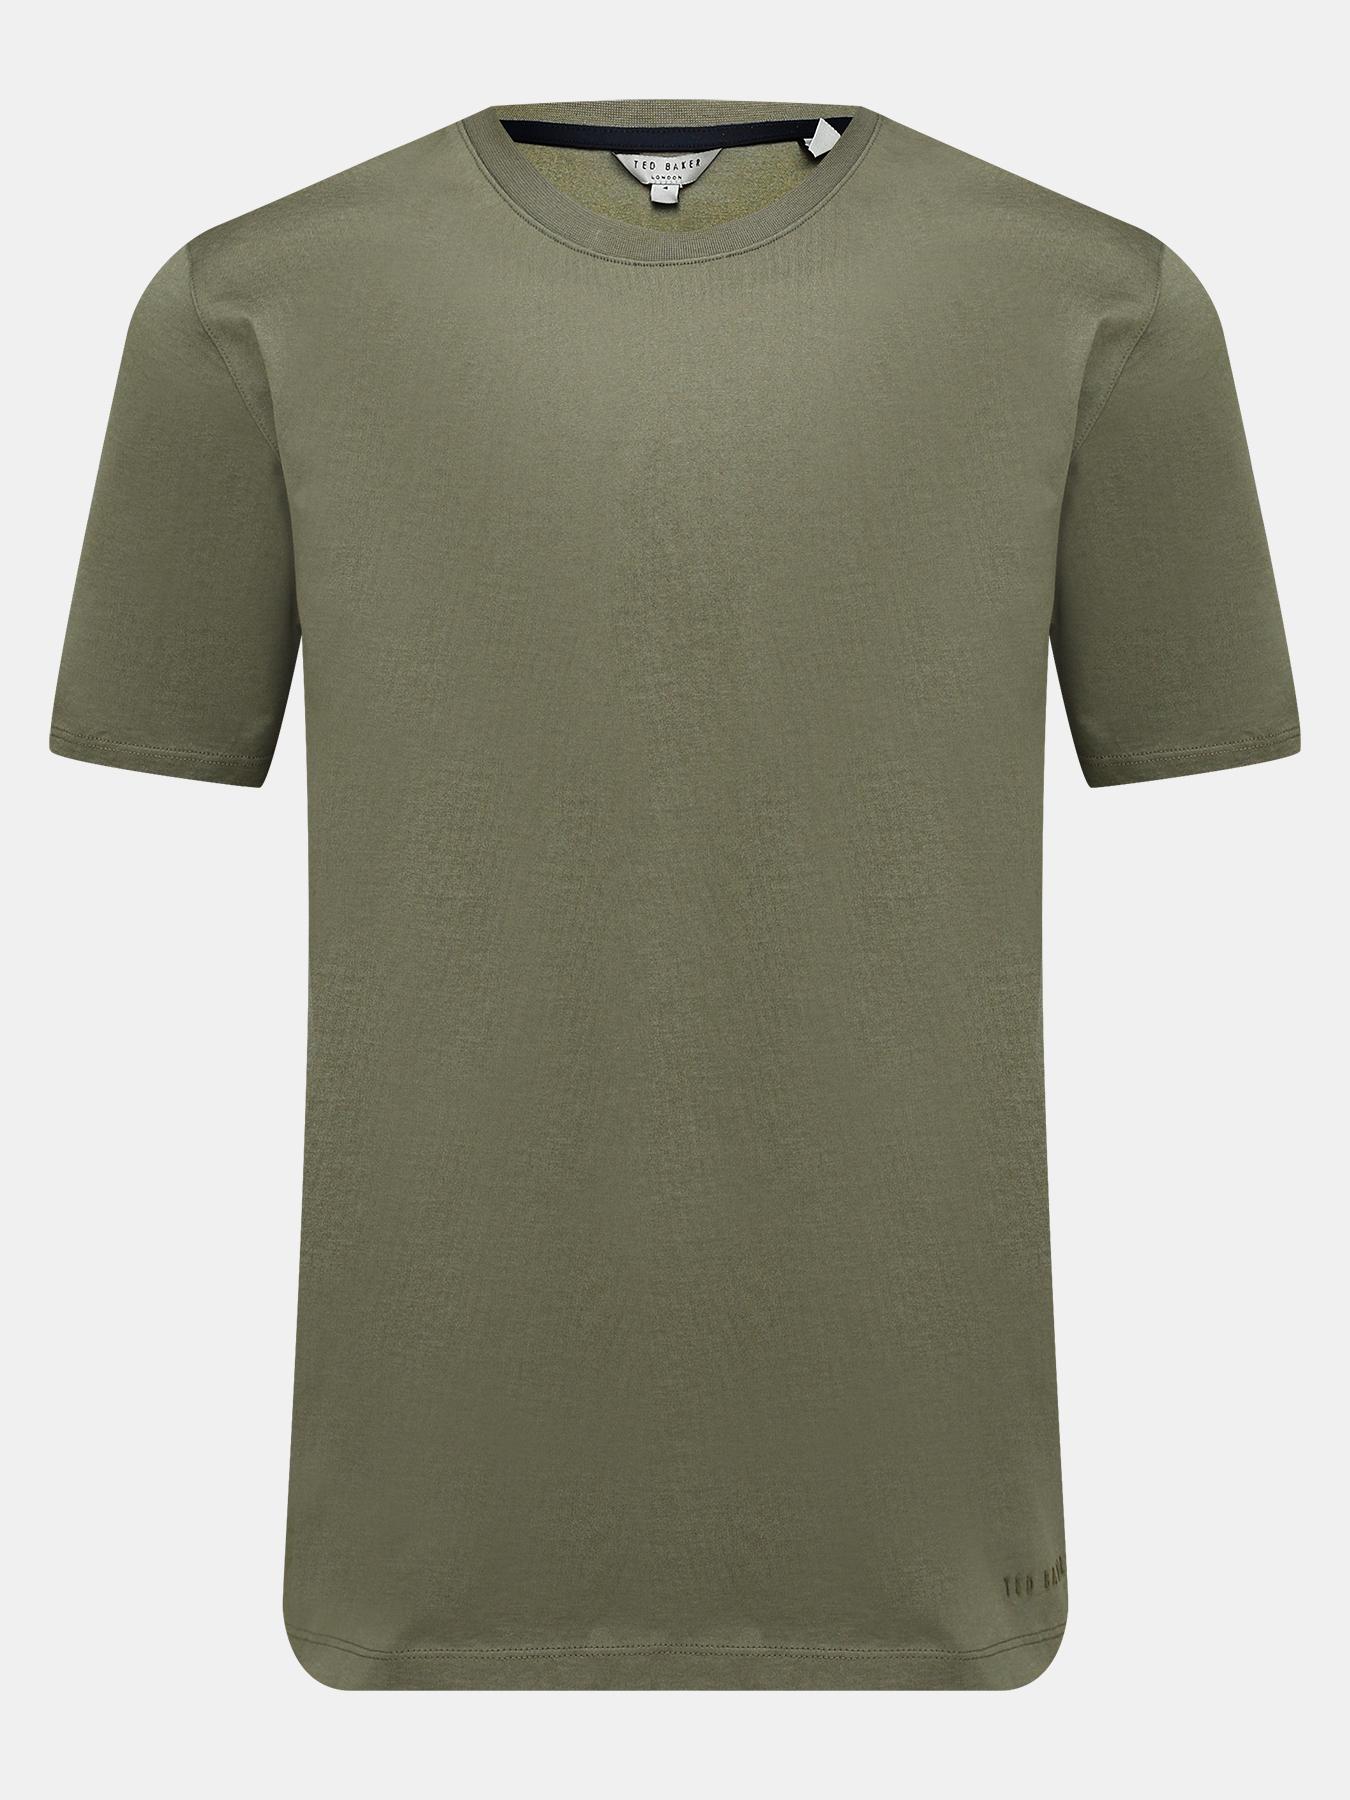 Фото - Футболки Ted Baker Футболка рубашки ted baker рубашка